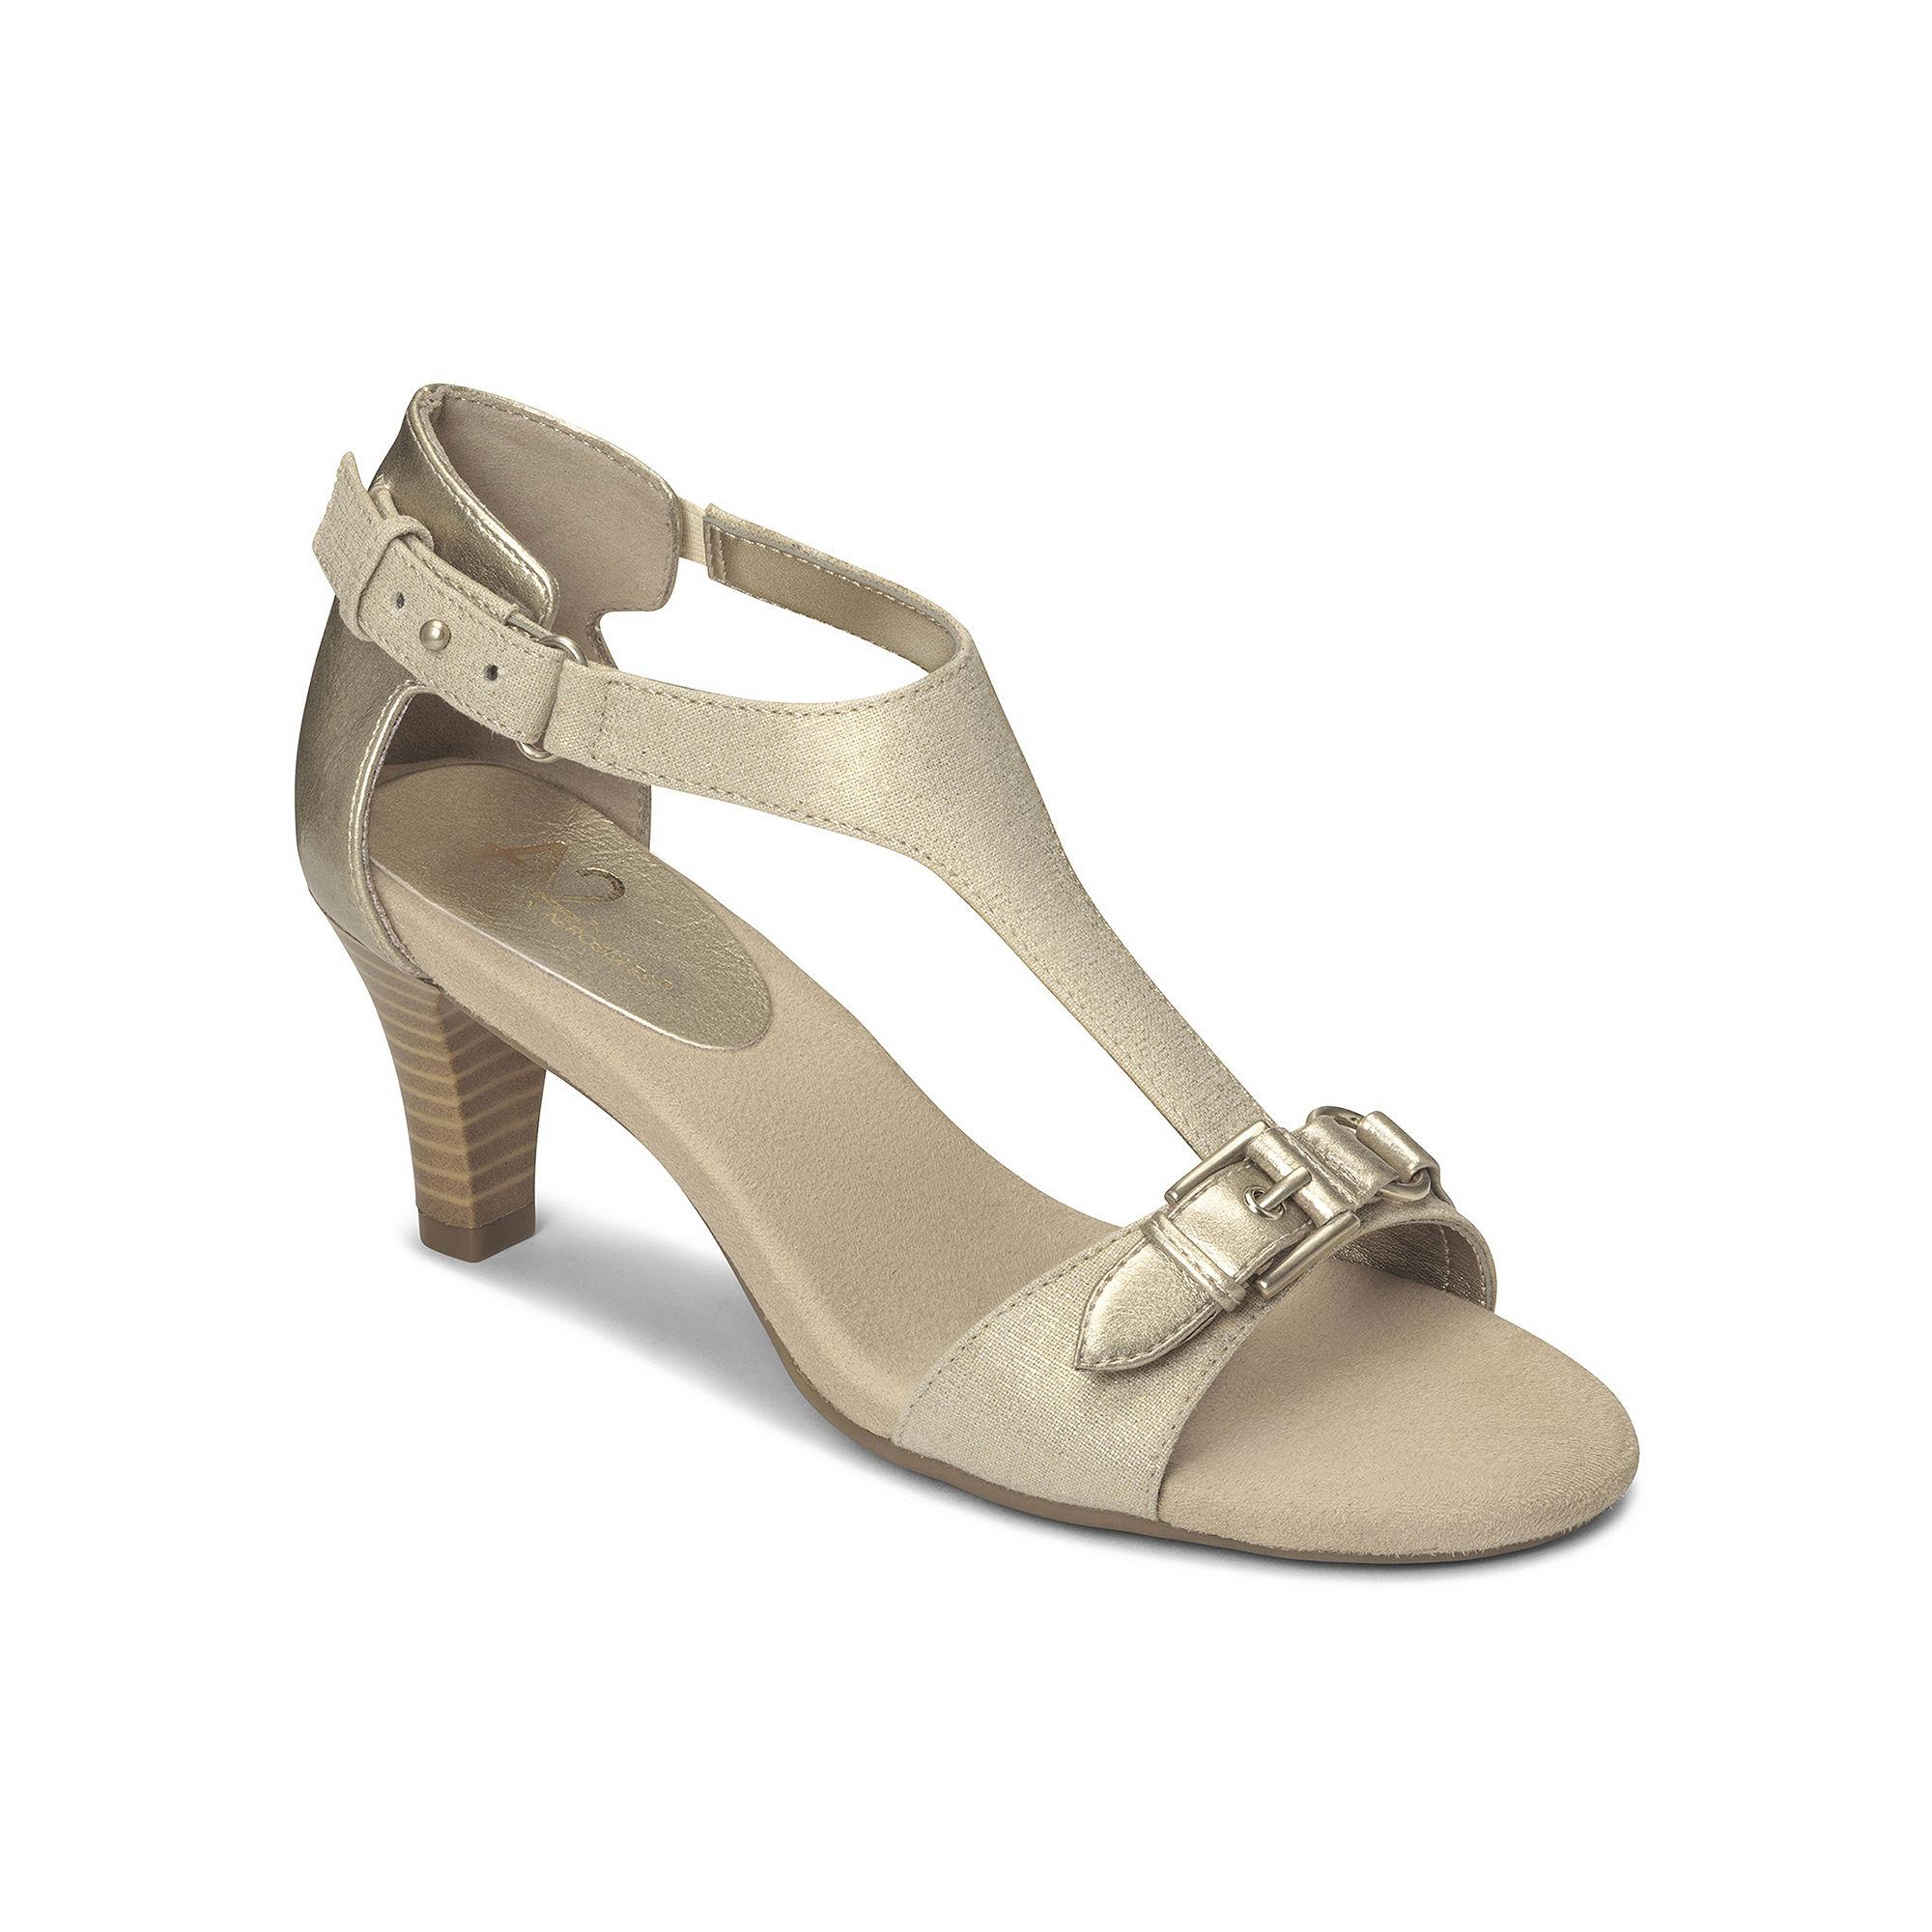 A2 by Aerosoles Lollipowp T-Strap Sandals